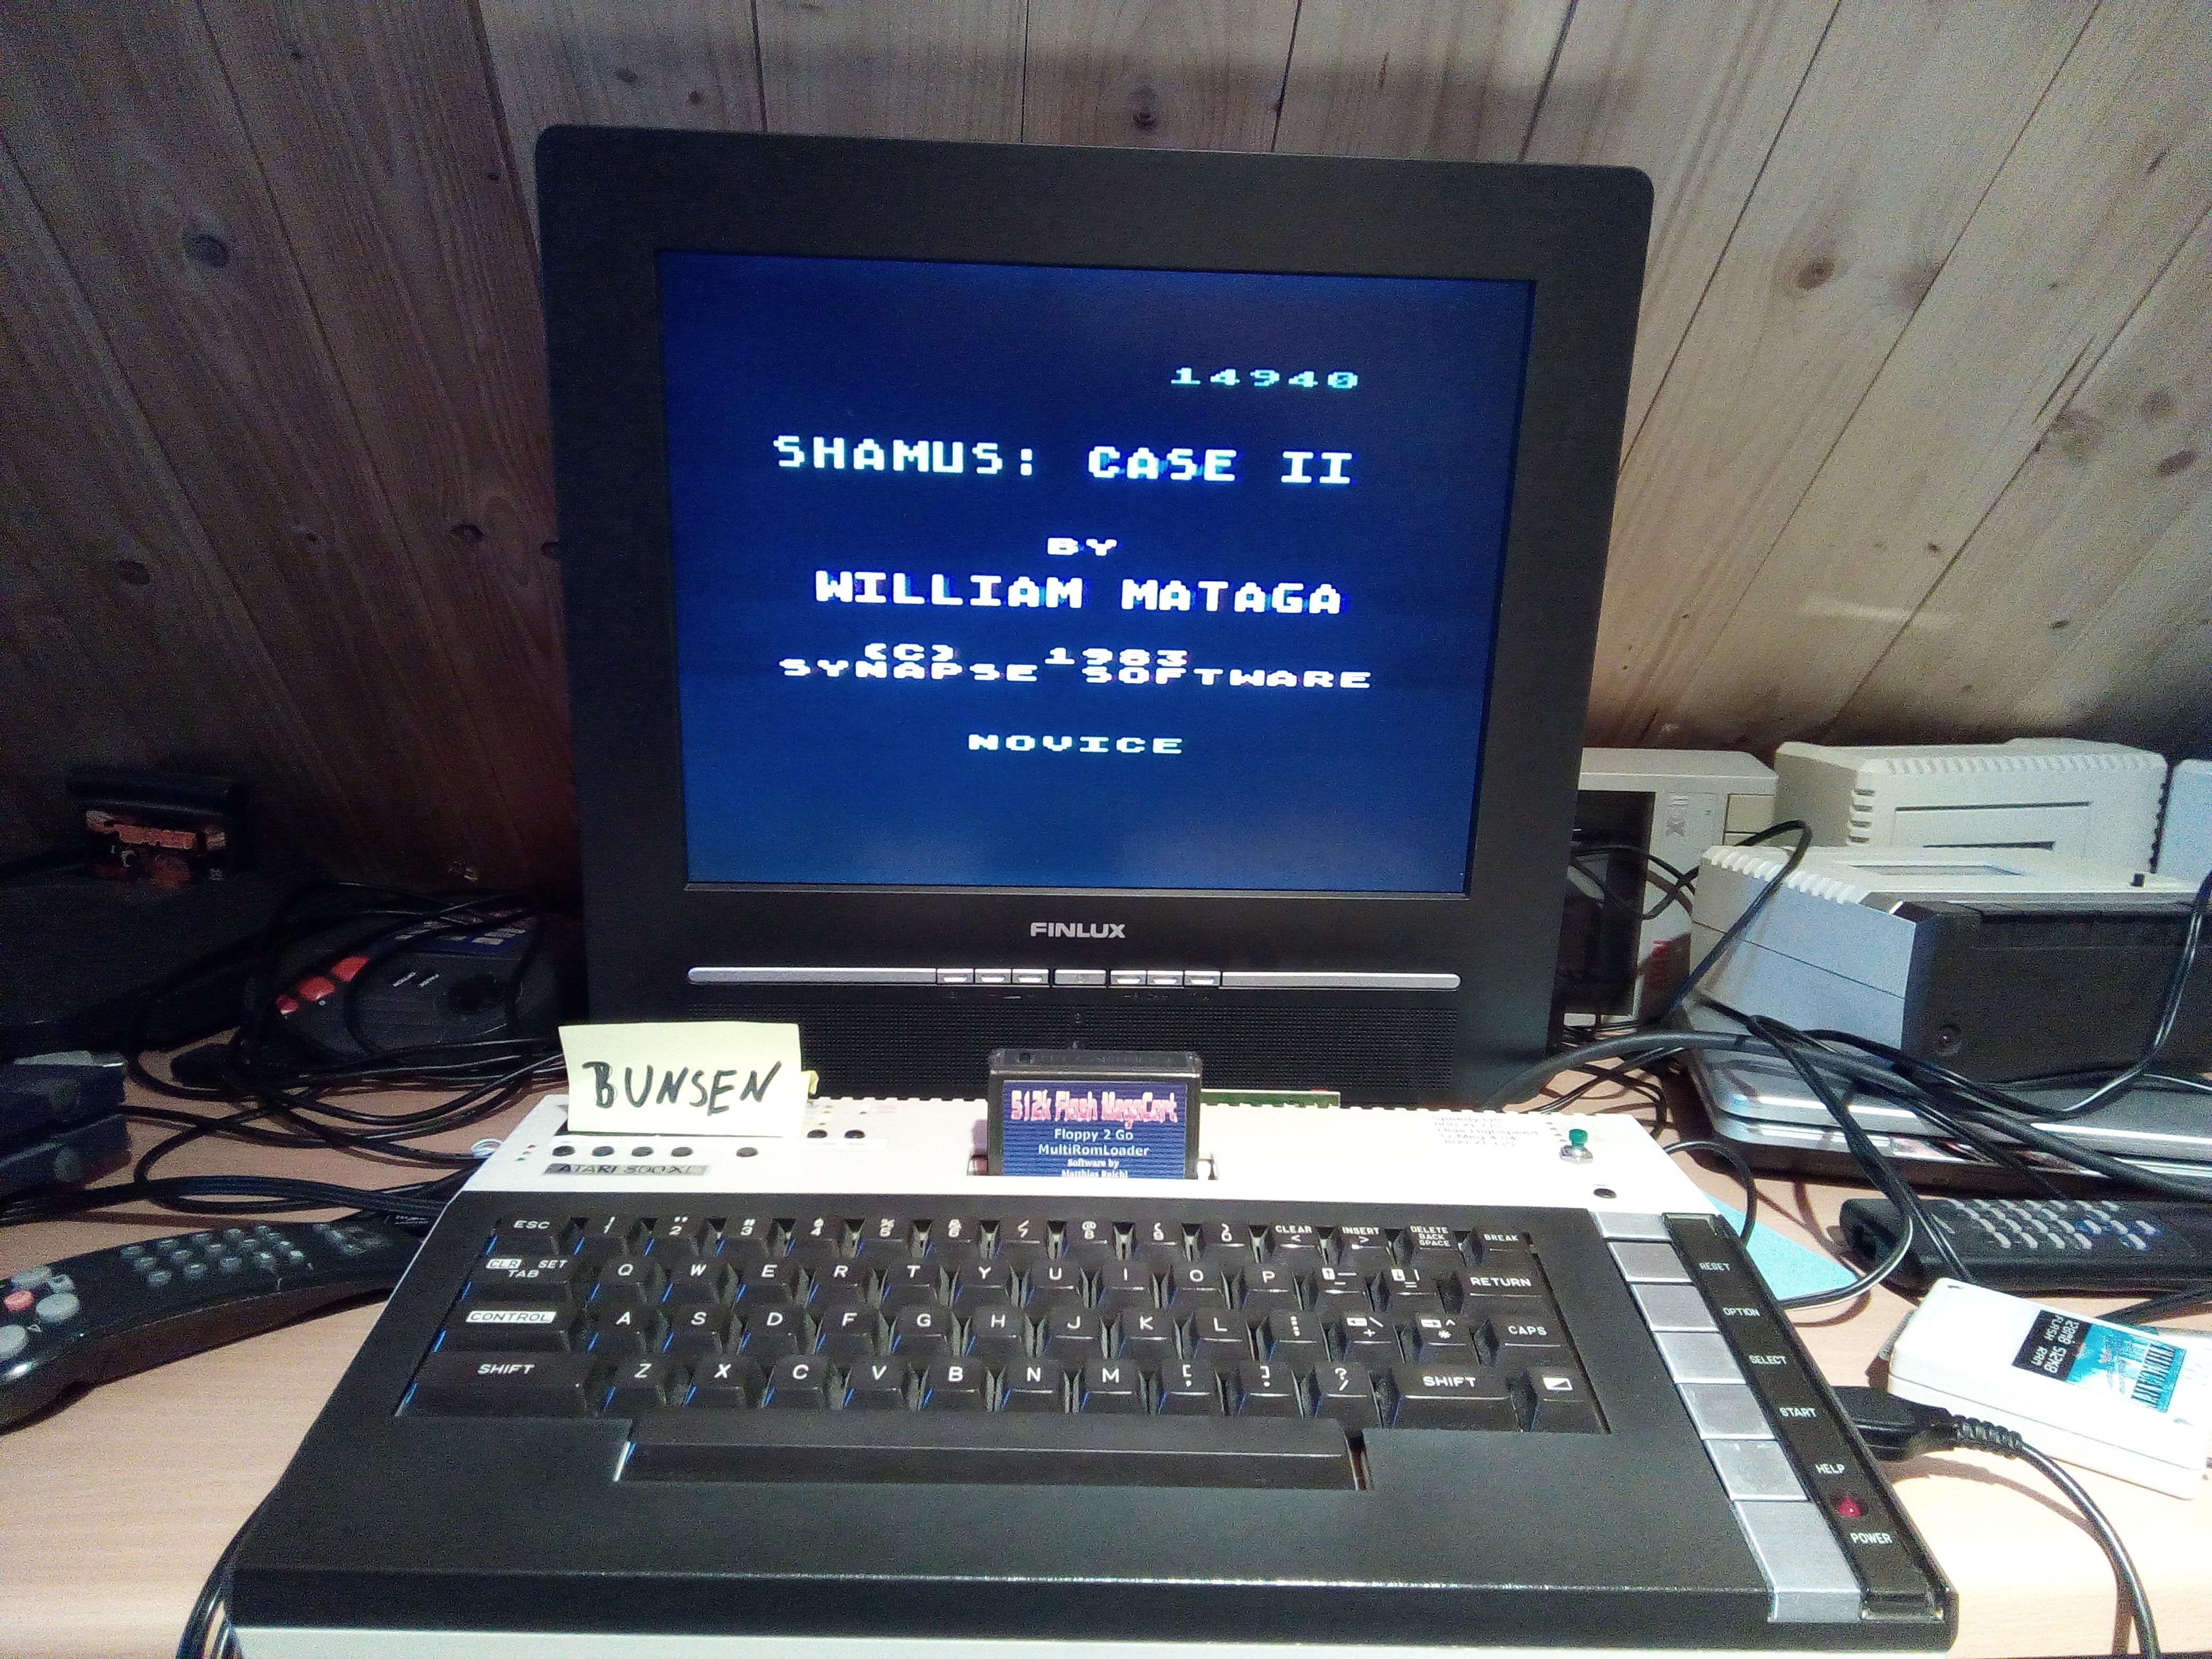 Bunsen: Shamus Case II [Novice] (Atari 400/800/XL/XE) 14,940 points on 2021-04-16 14:13:22